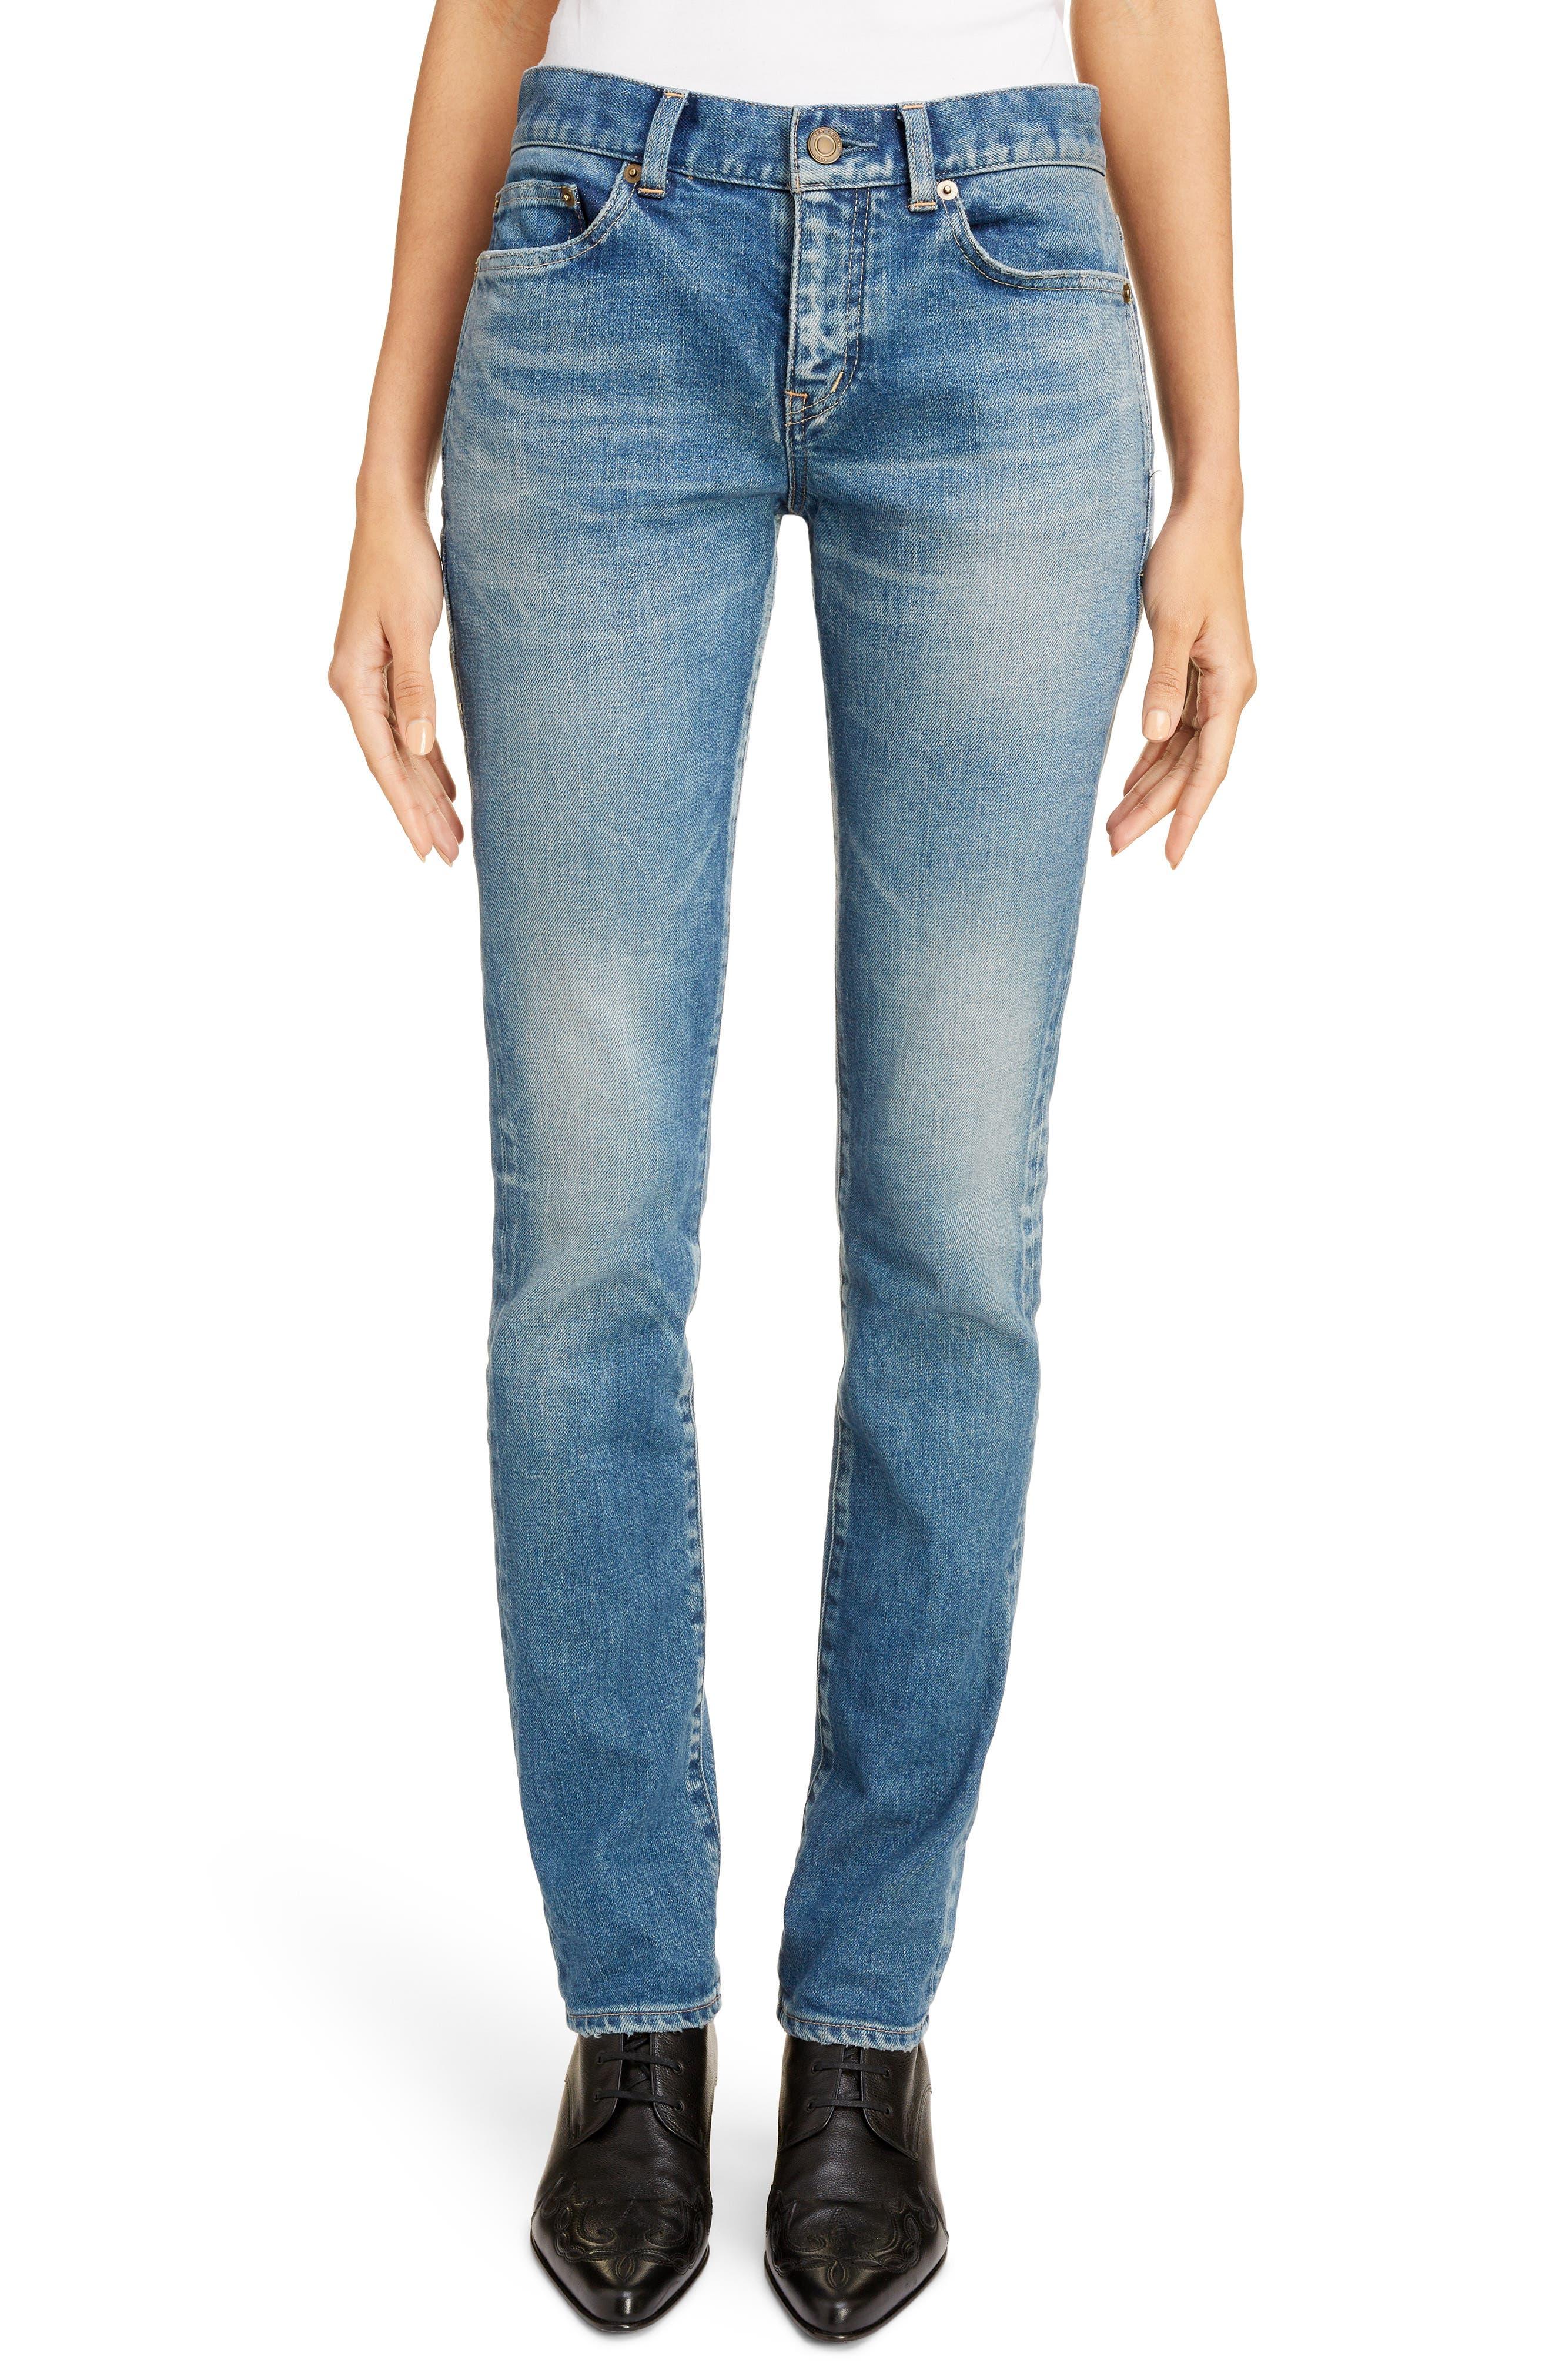 Saint Laurent Jeans Skinny Jeans